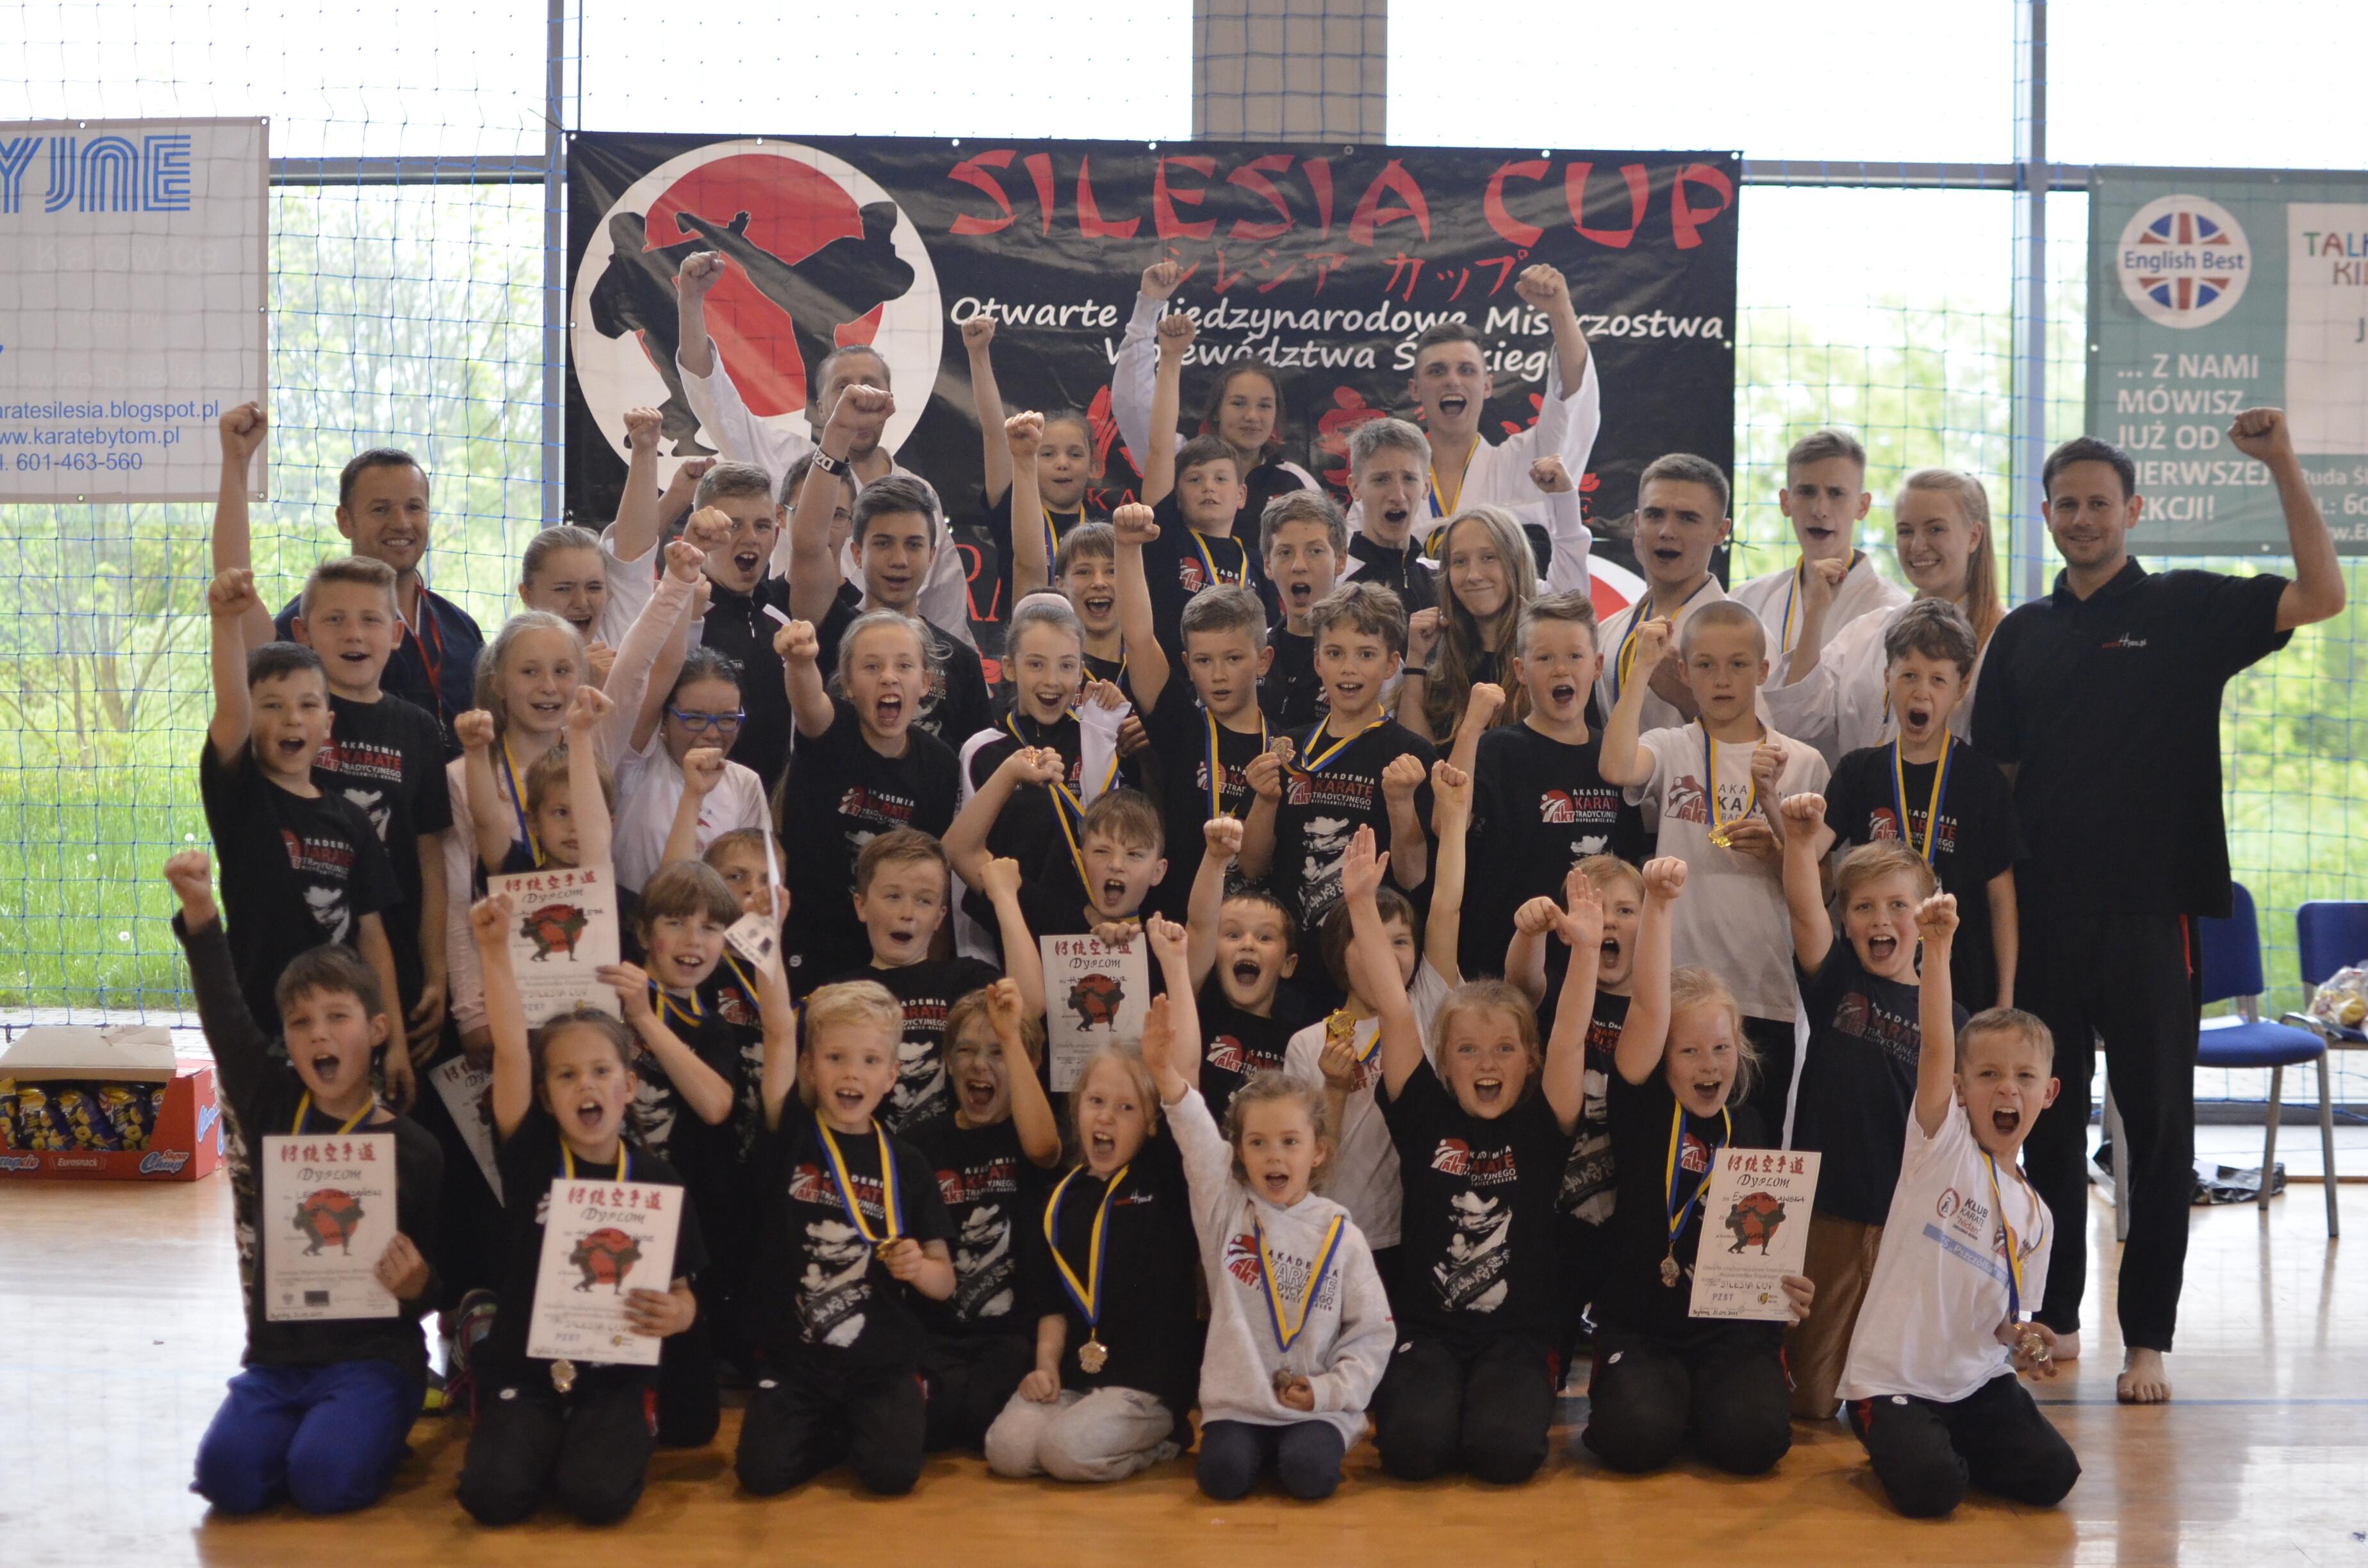 <p>34 medale (14 złotych, 6 srebrnych i 14 brązowych) zdobyliśmy 21 maja 2017 roku w Bytomiu podczas Międzynarodowych Otwartych Mistrzostw Województwa Śląskiego – Silesia Cup!</p>